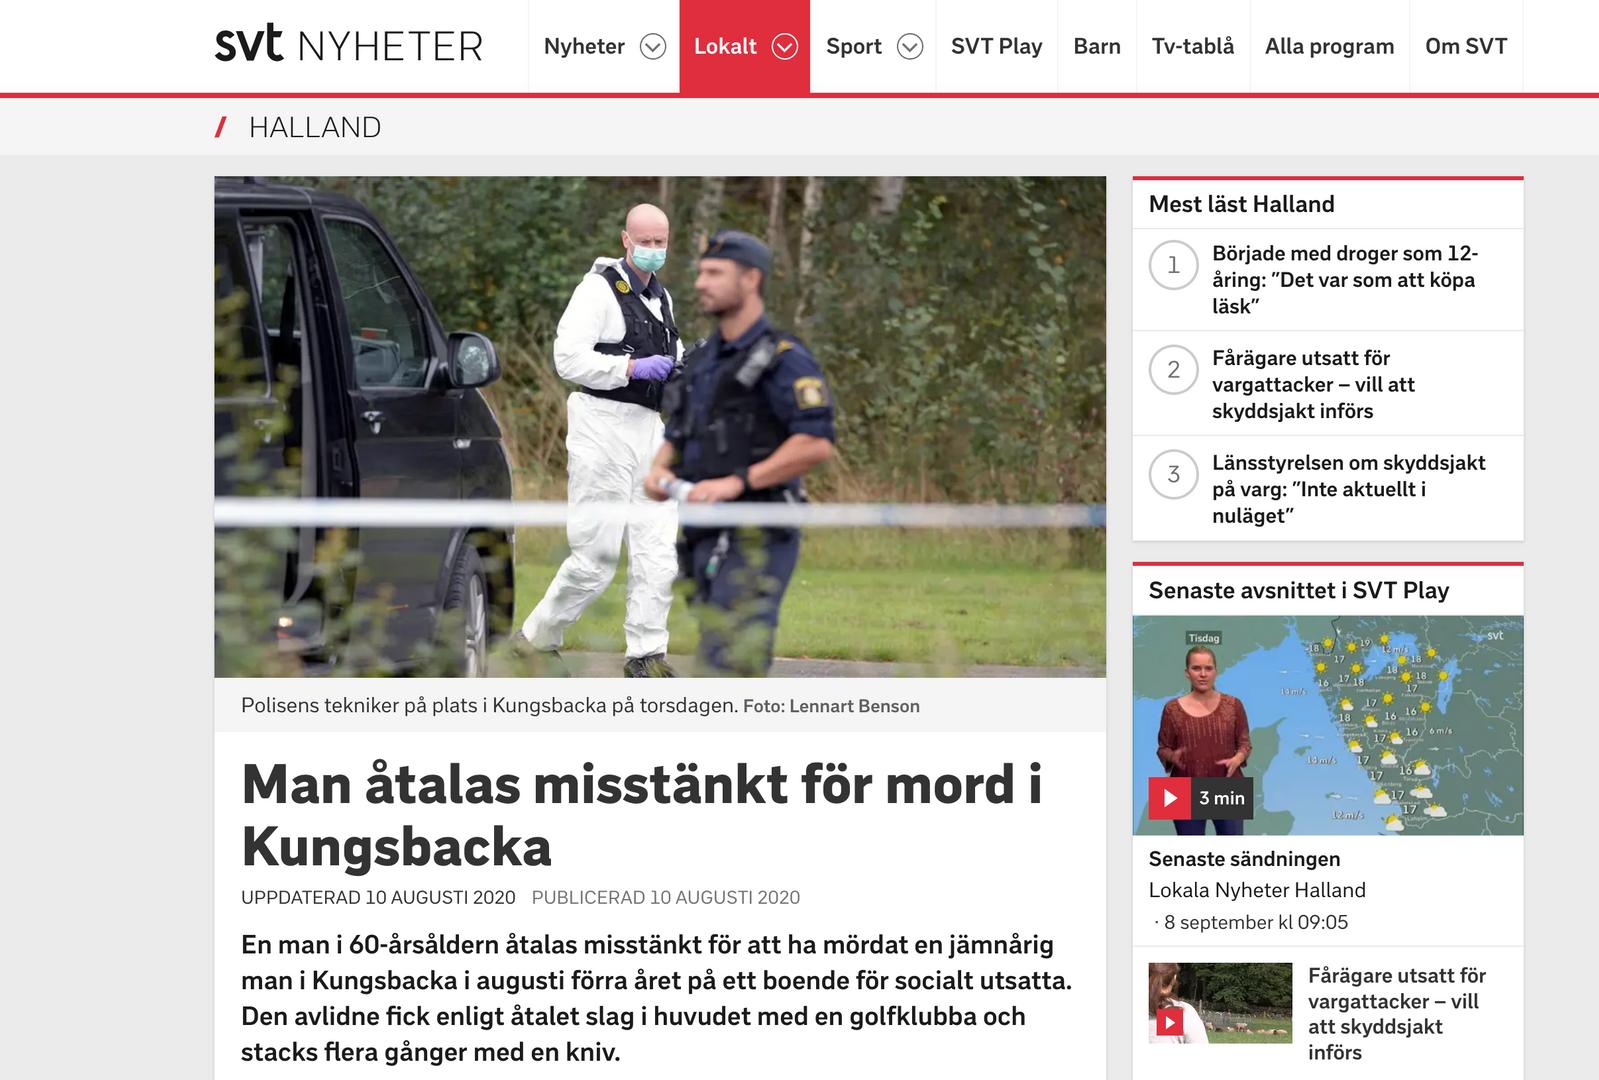 Man åtalas misstänkt för mord i Kungsbacka